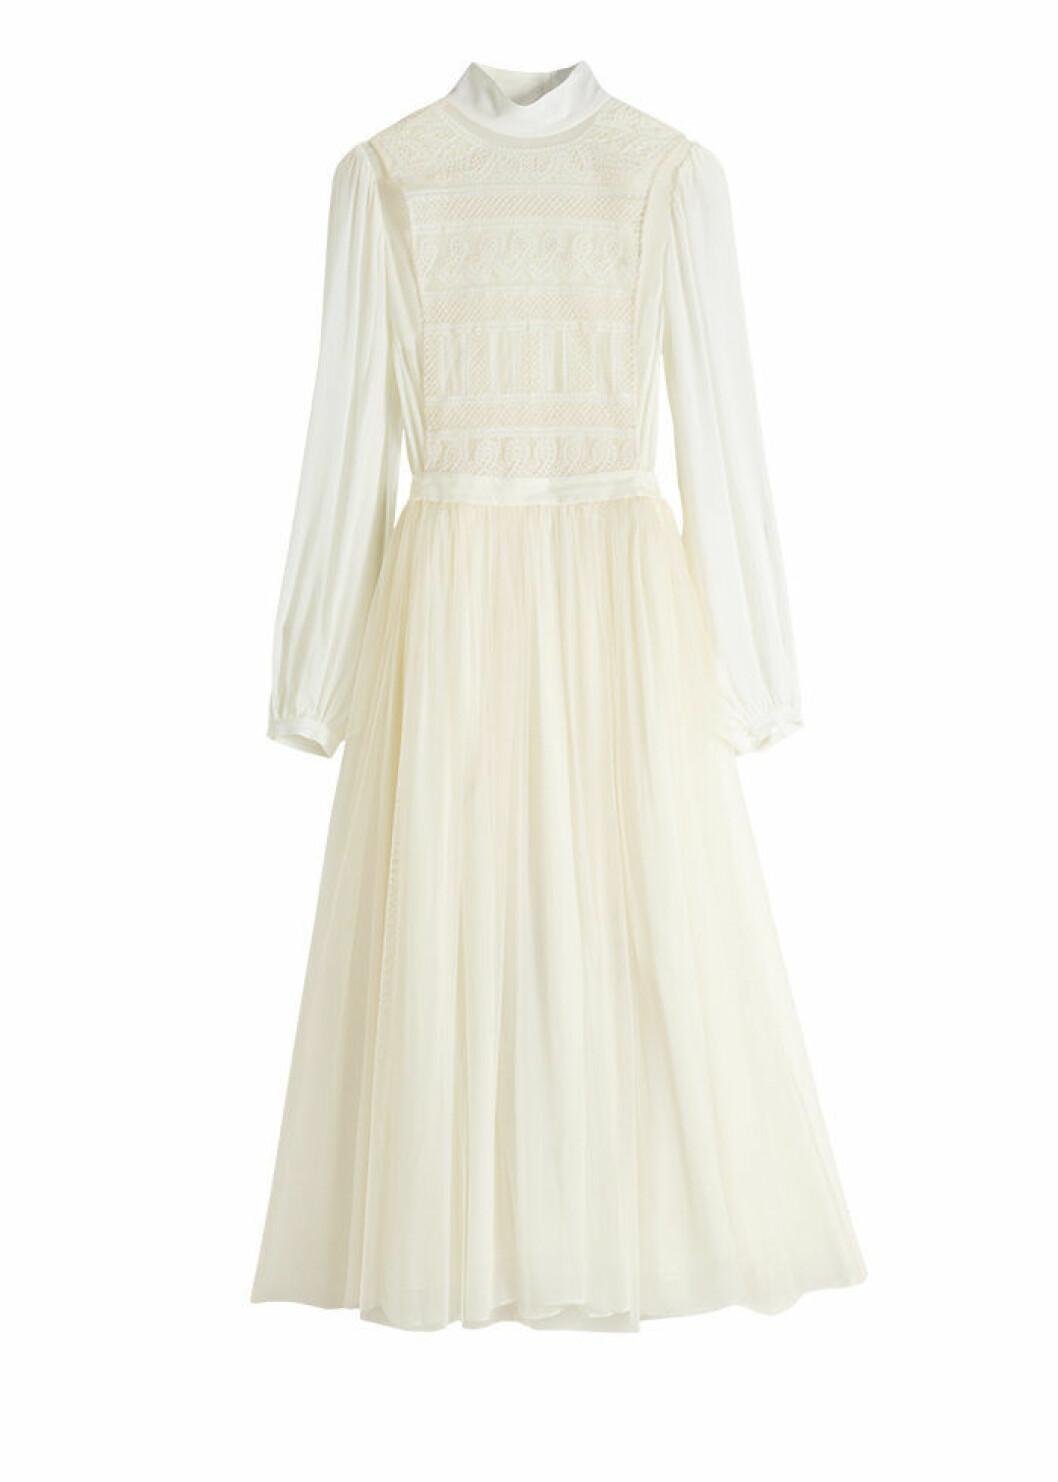 Vit klänning med lång ärm och vid kjol